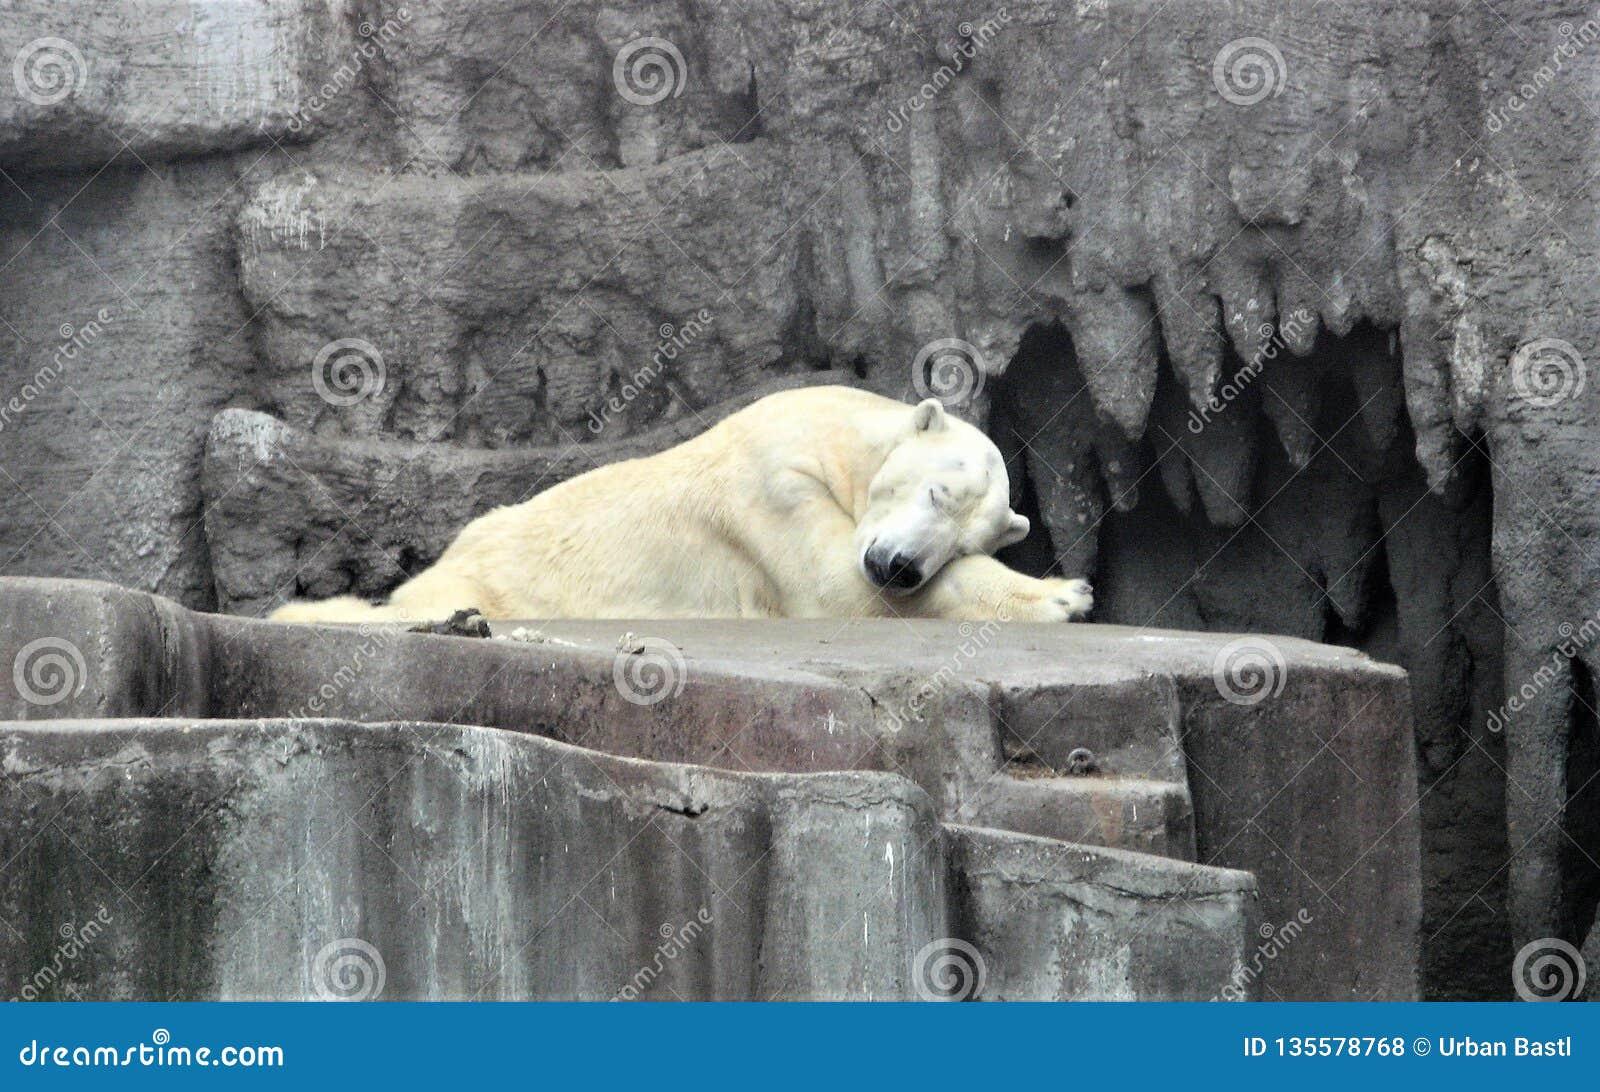 北极熊在动物园里睡觉